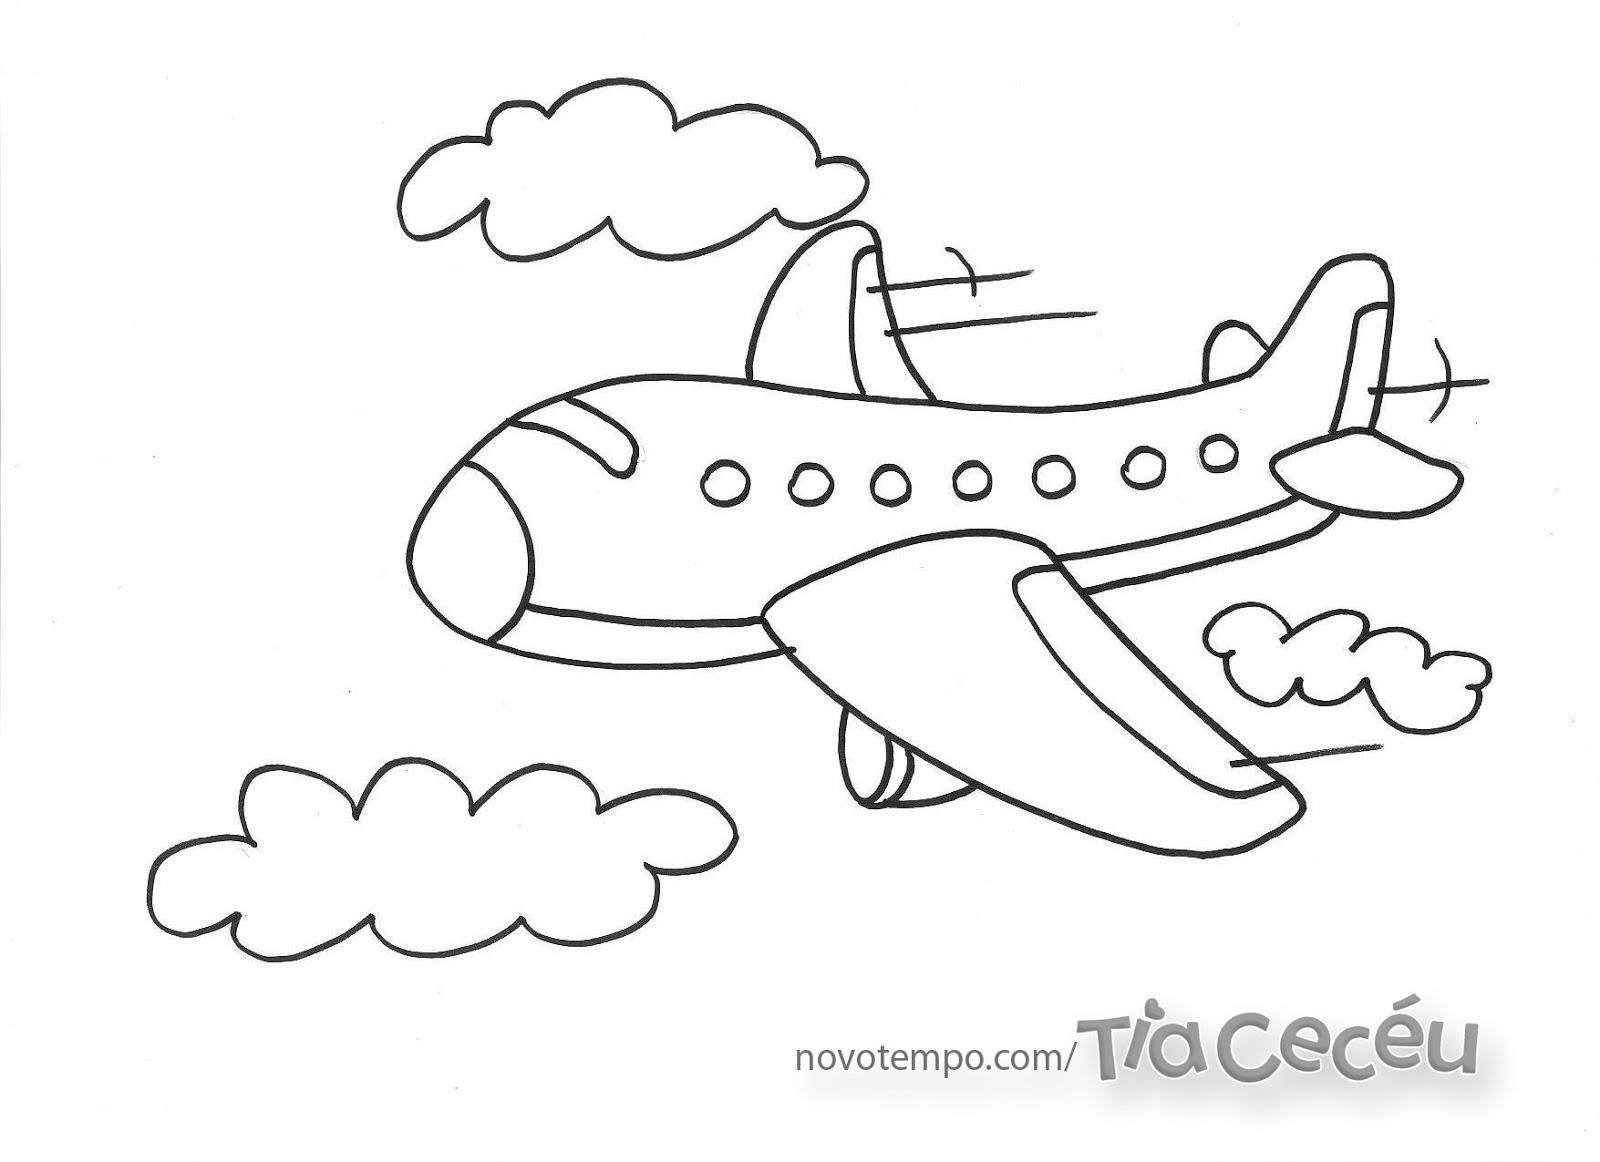 Colirir-Desenhos De Avião Para Pintar:Piadas Para Facebook